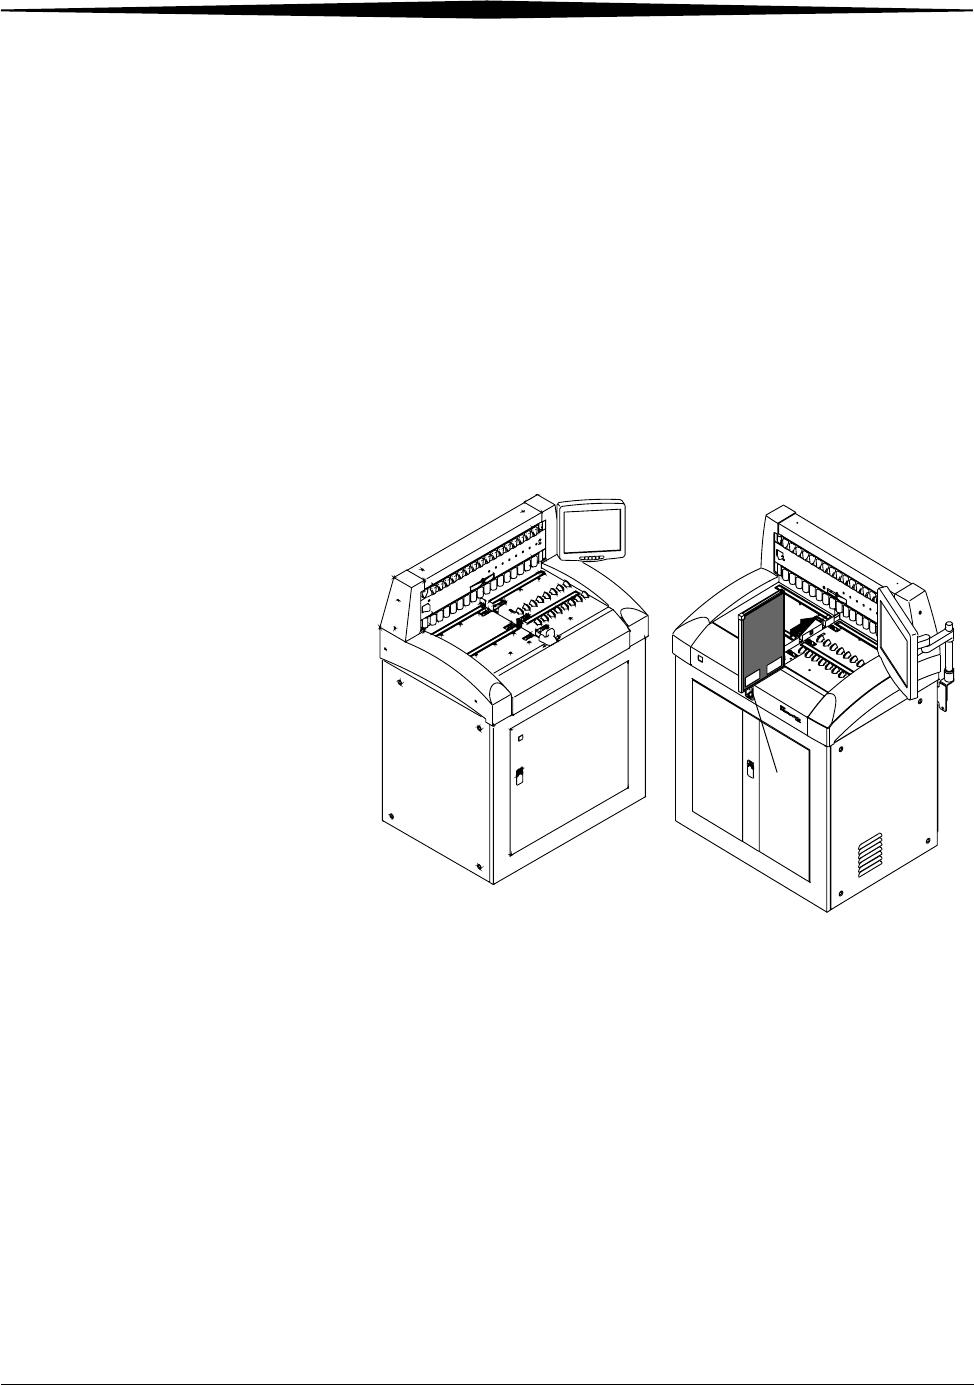 USER'S GUIDE For The Kodak DirectView CR 800/CR 900